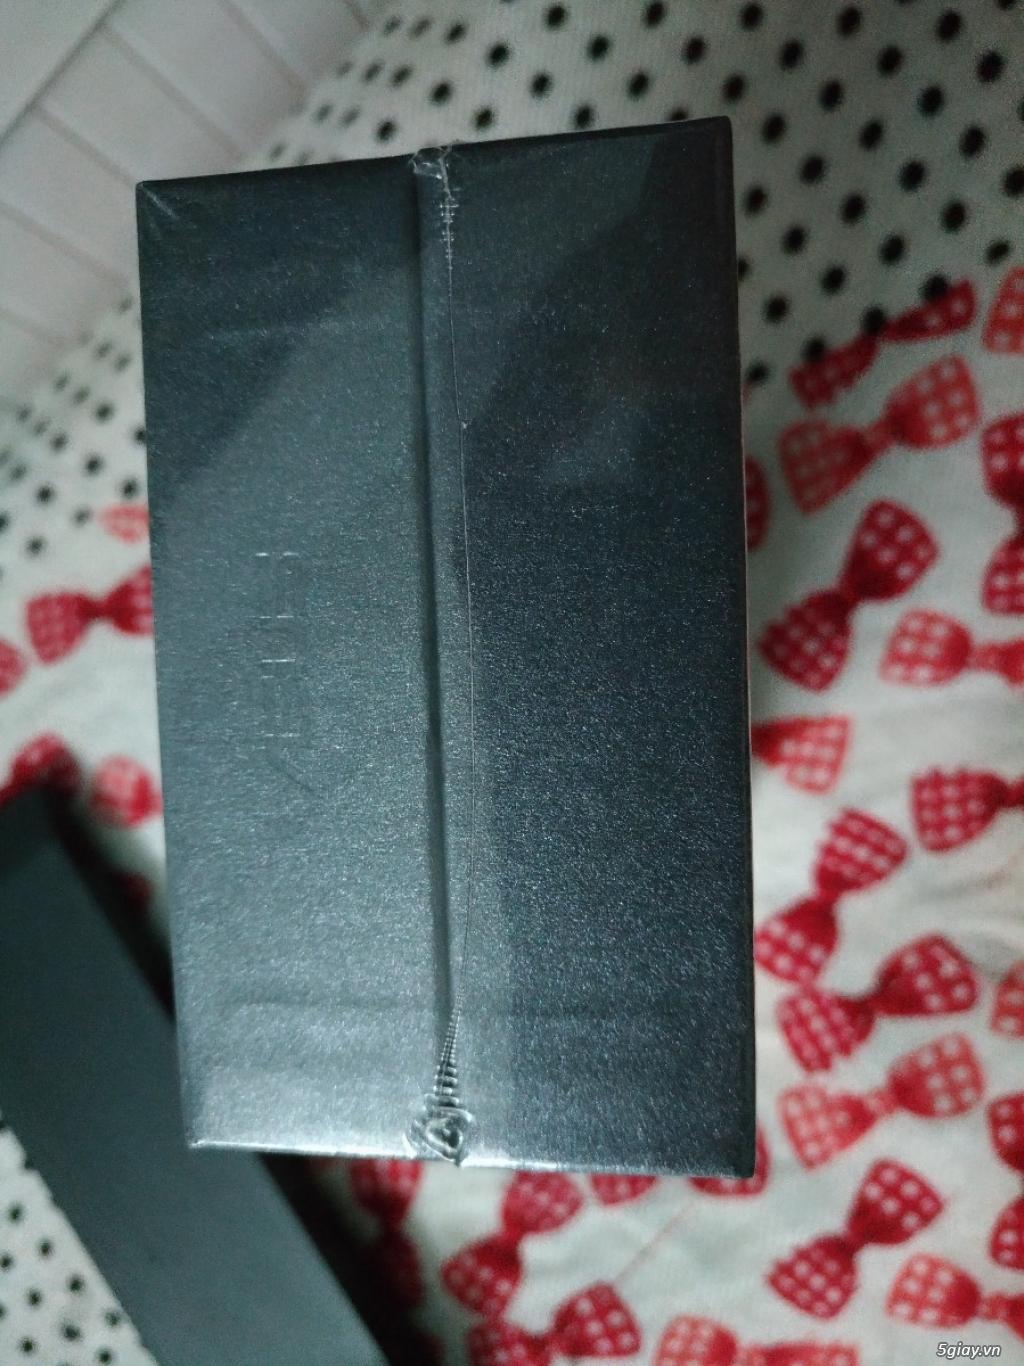 BÁN ASUS ZENFONE 3 NEW 100% FULL BOX - 7tr5 - 2